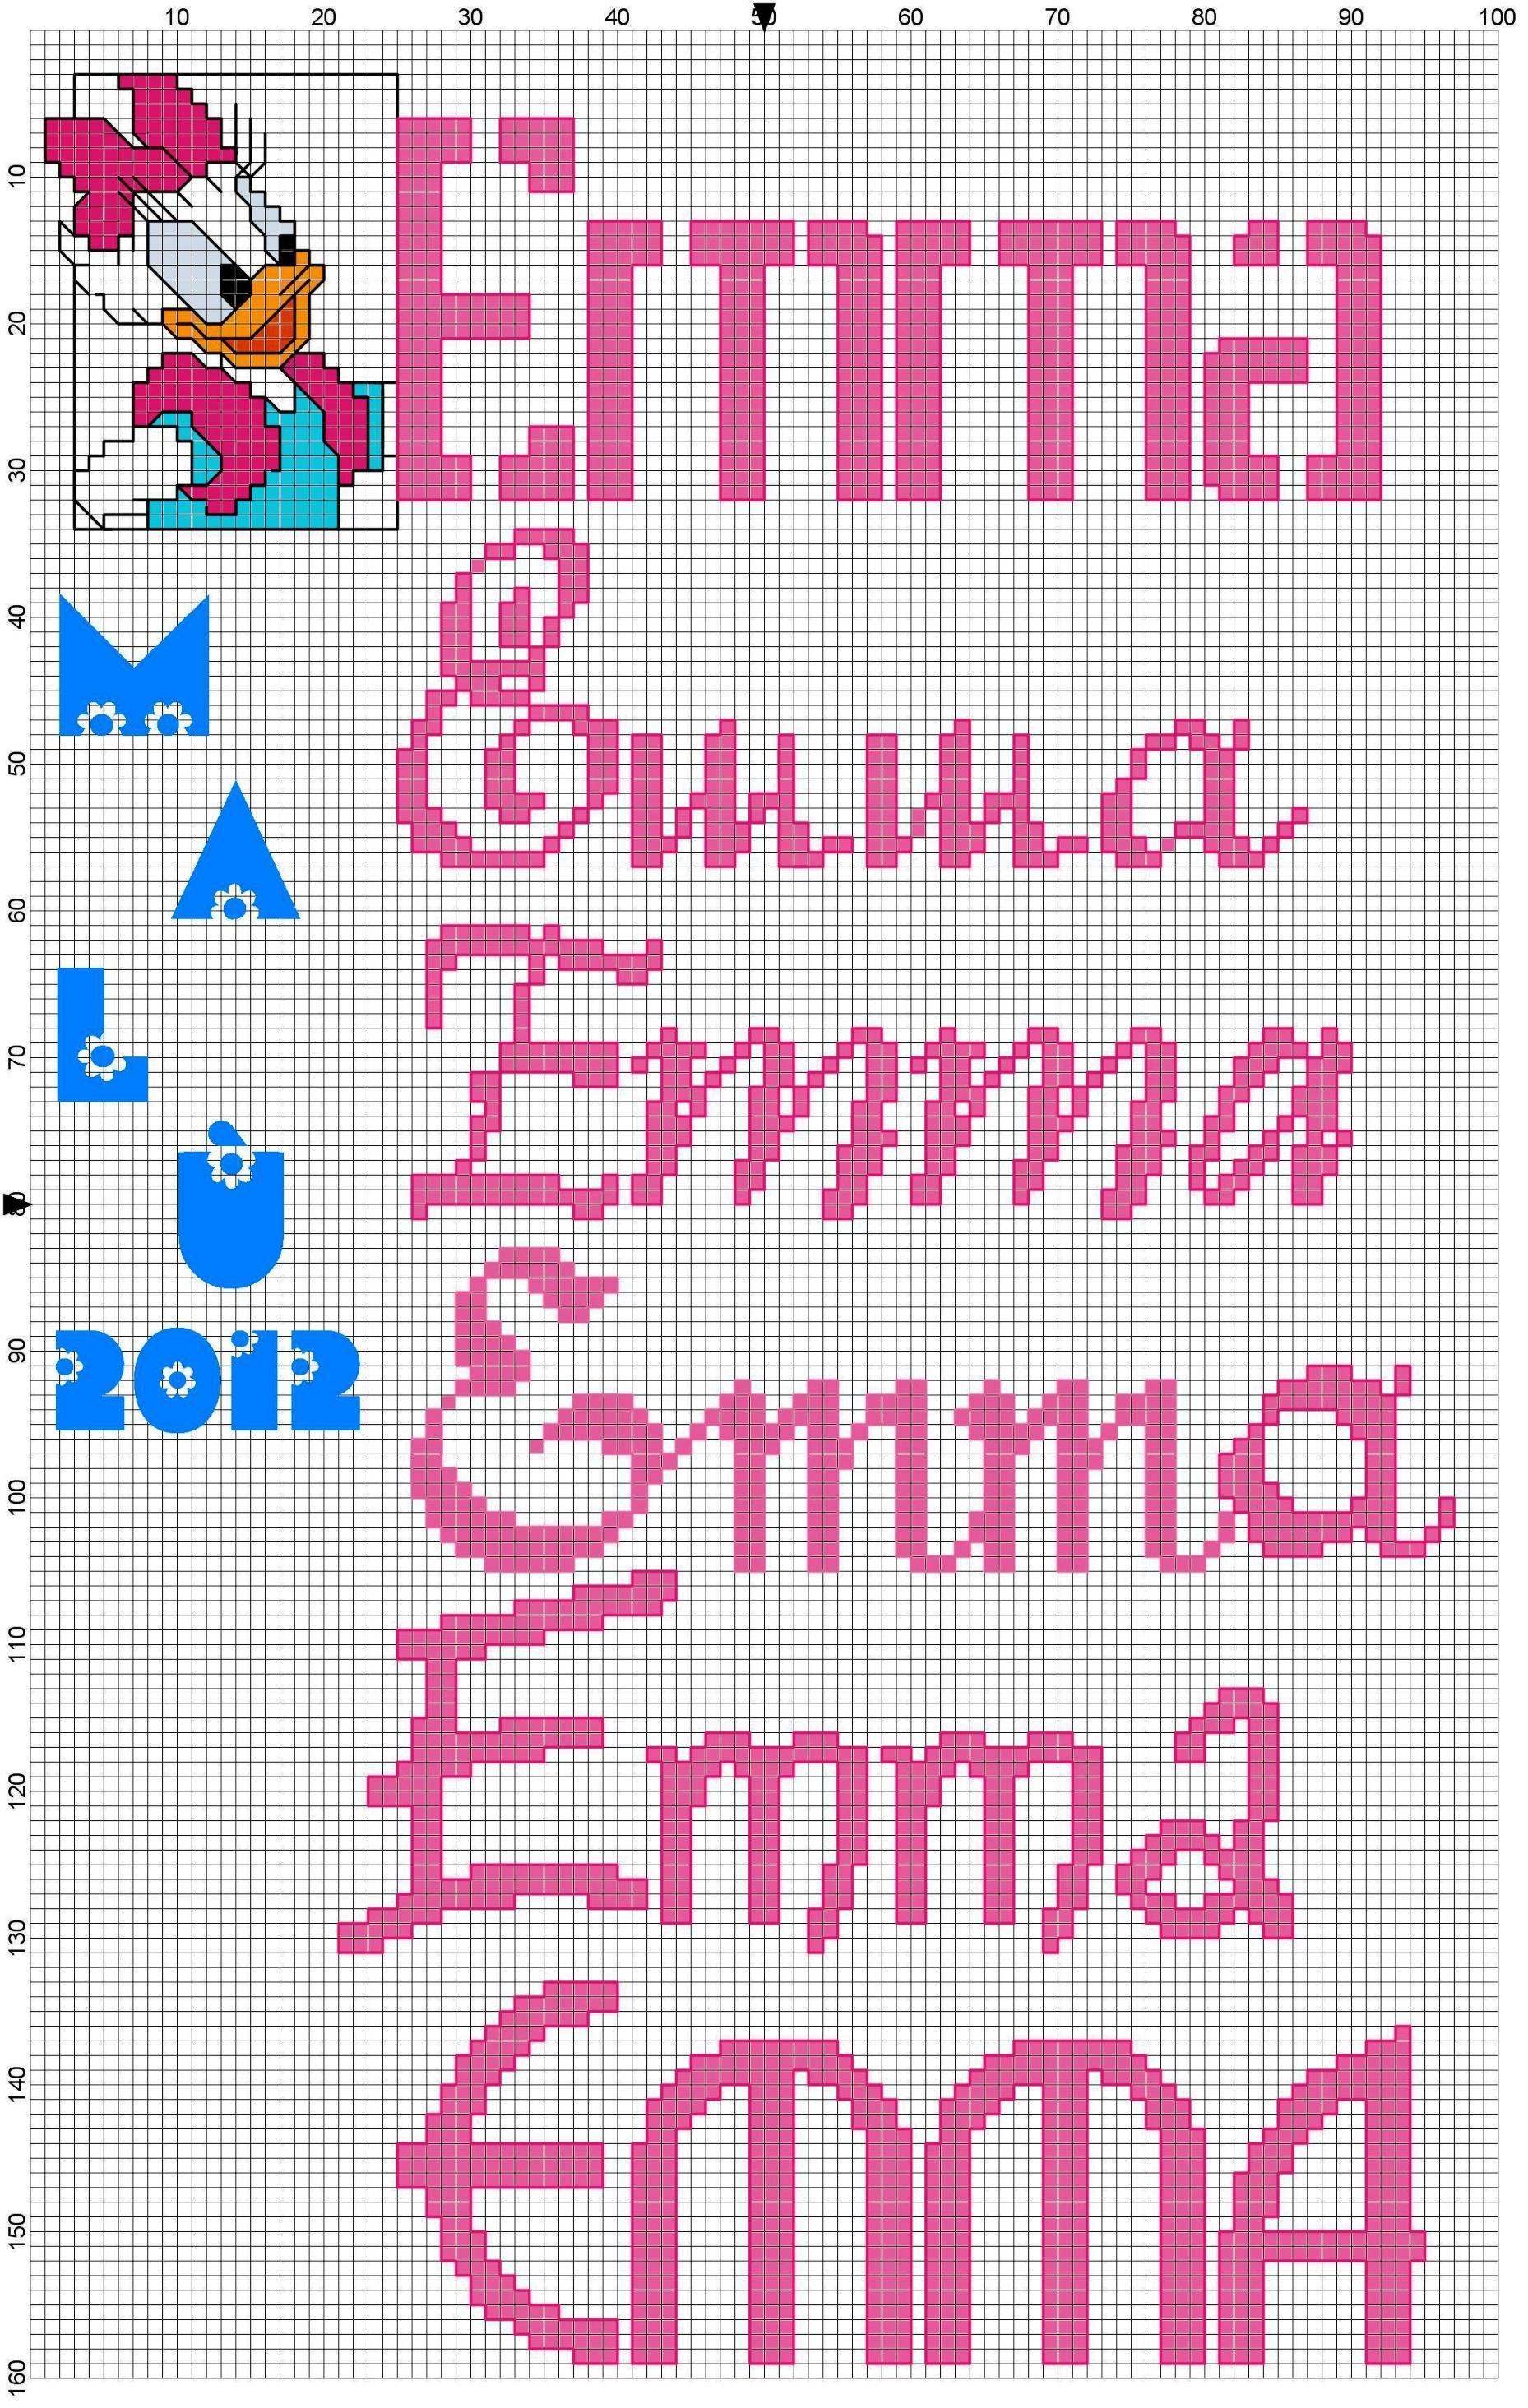 Emma con paperina schemi lettere punto croce alfabeto for Lettere a punto croce schemi